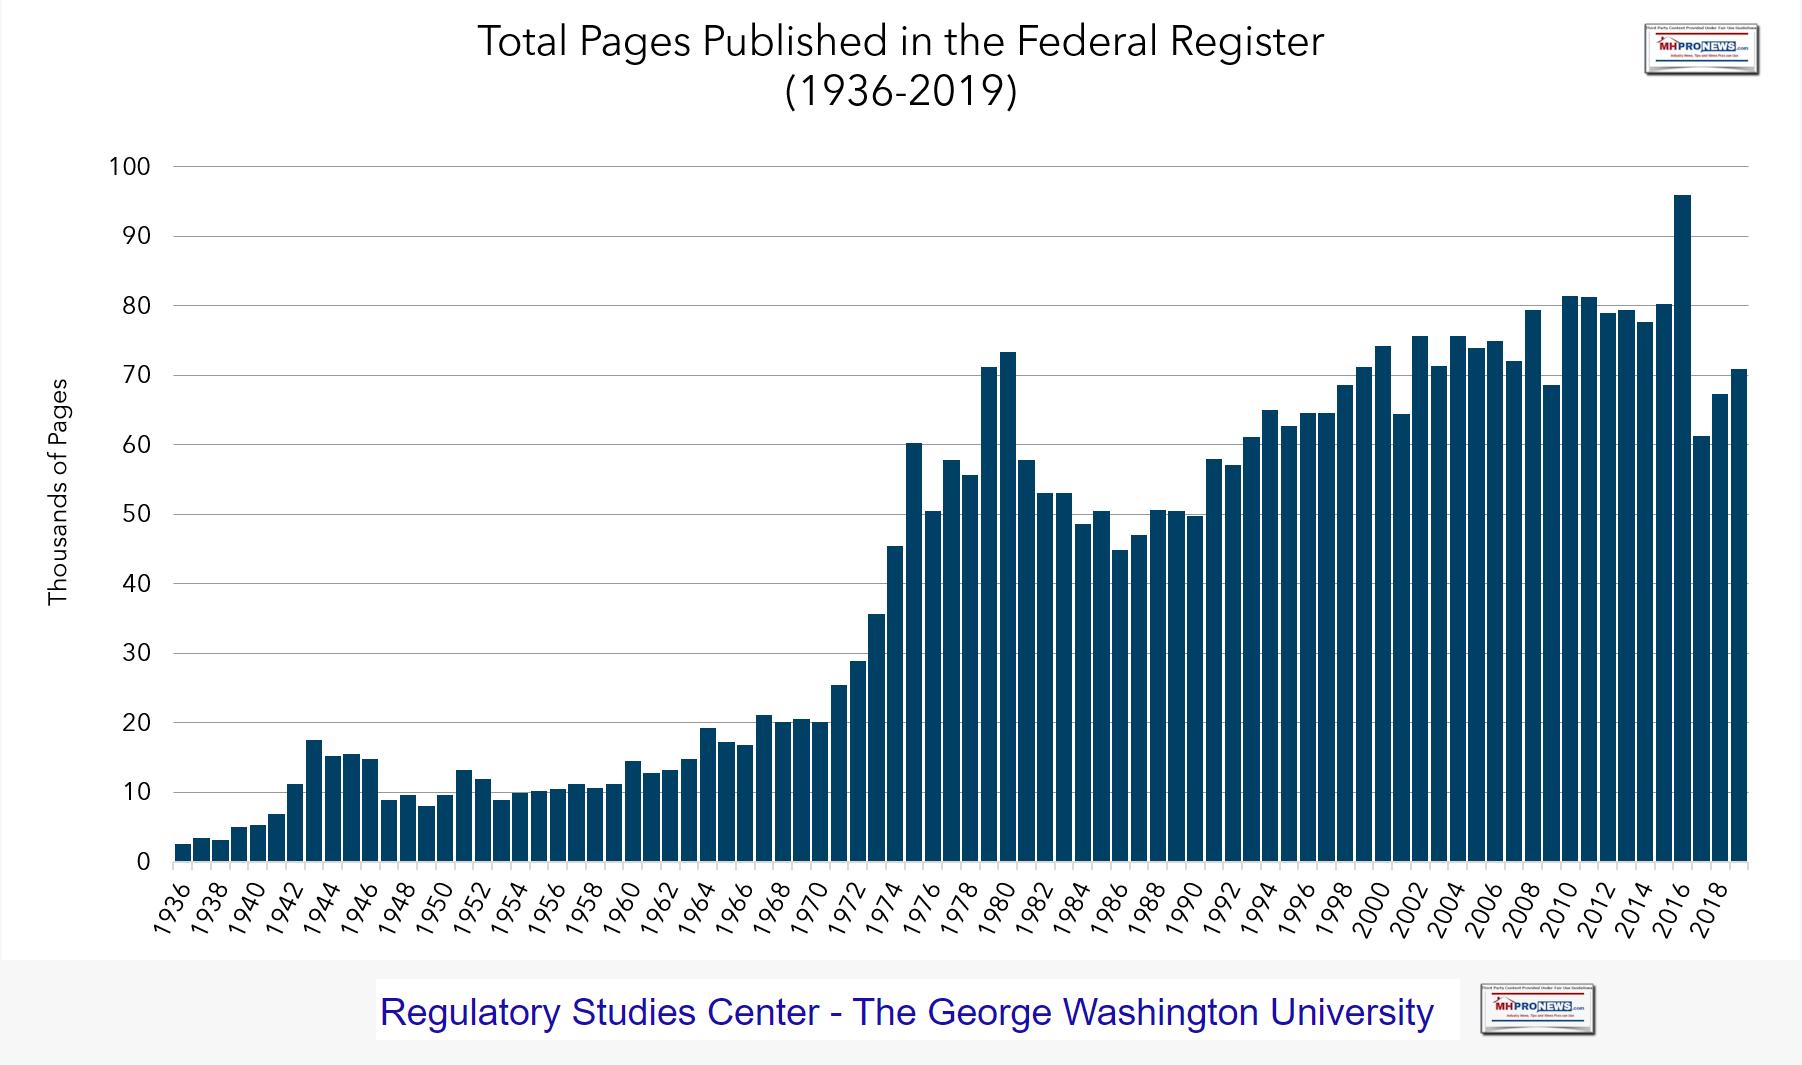 RegulatoryStudiesCenterGeorgeWashingtonUnivTotalPagesPublishedFederalRegister1936-2019MHProNews